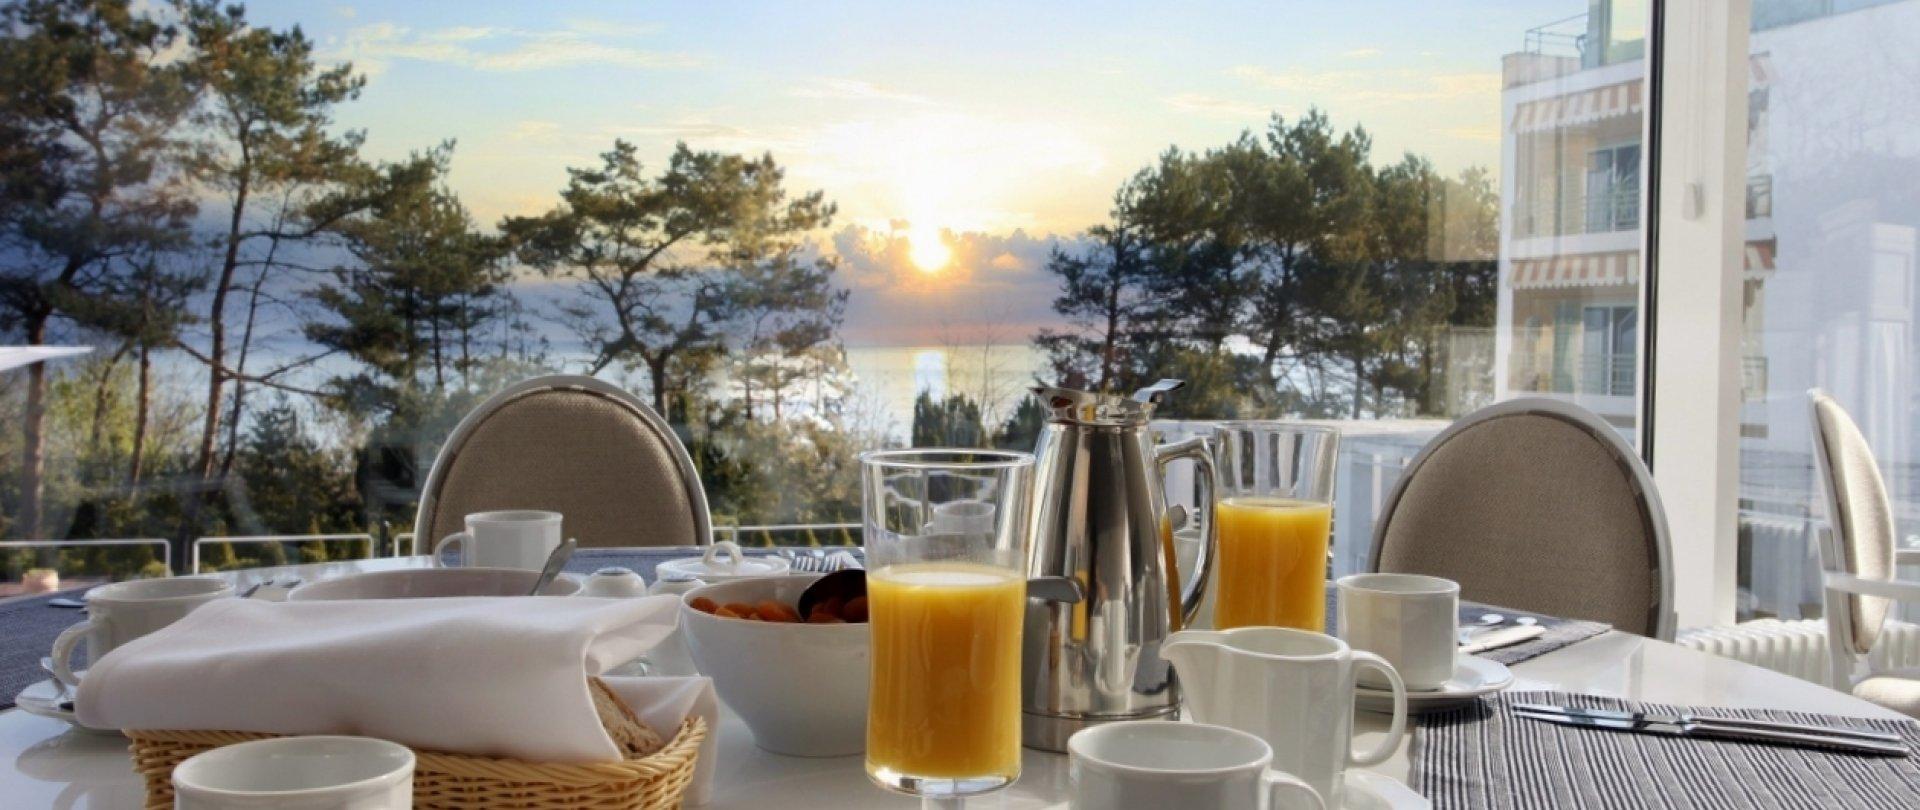 Cena dnia - ze śniadaniem i kolacją